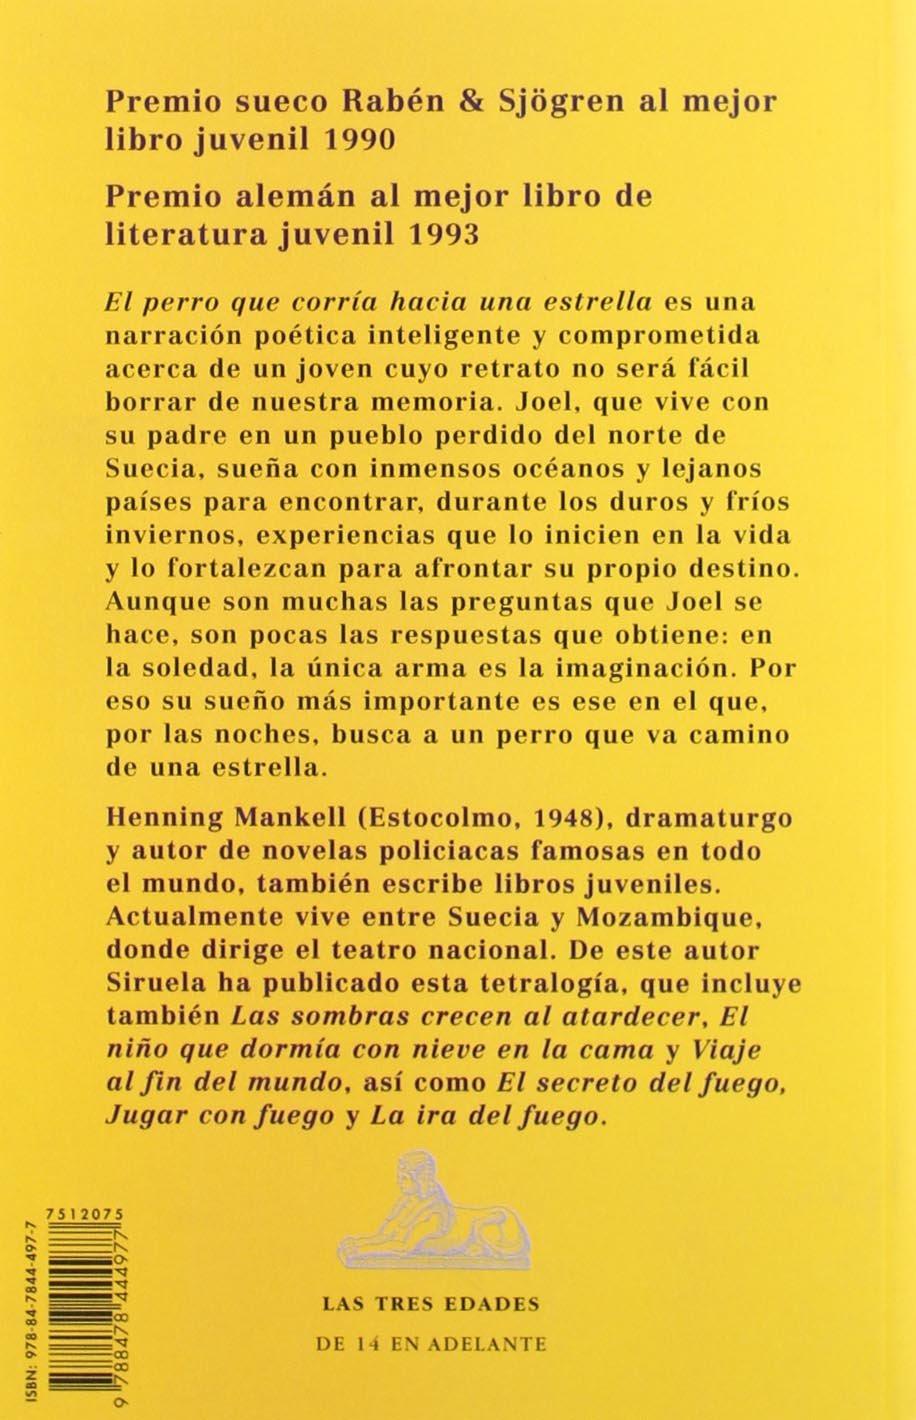 Amazon.com: El perro que corria hacia una estrella / The Dog That Ran Towards a Star (Las Tres Edades / the Three Ages) (Spanish Edition) (9788478444977): ...